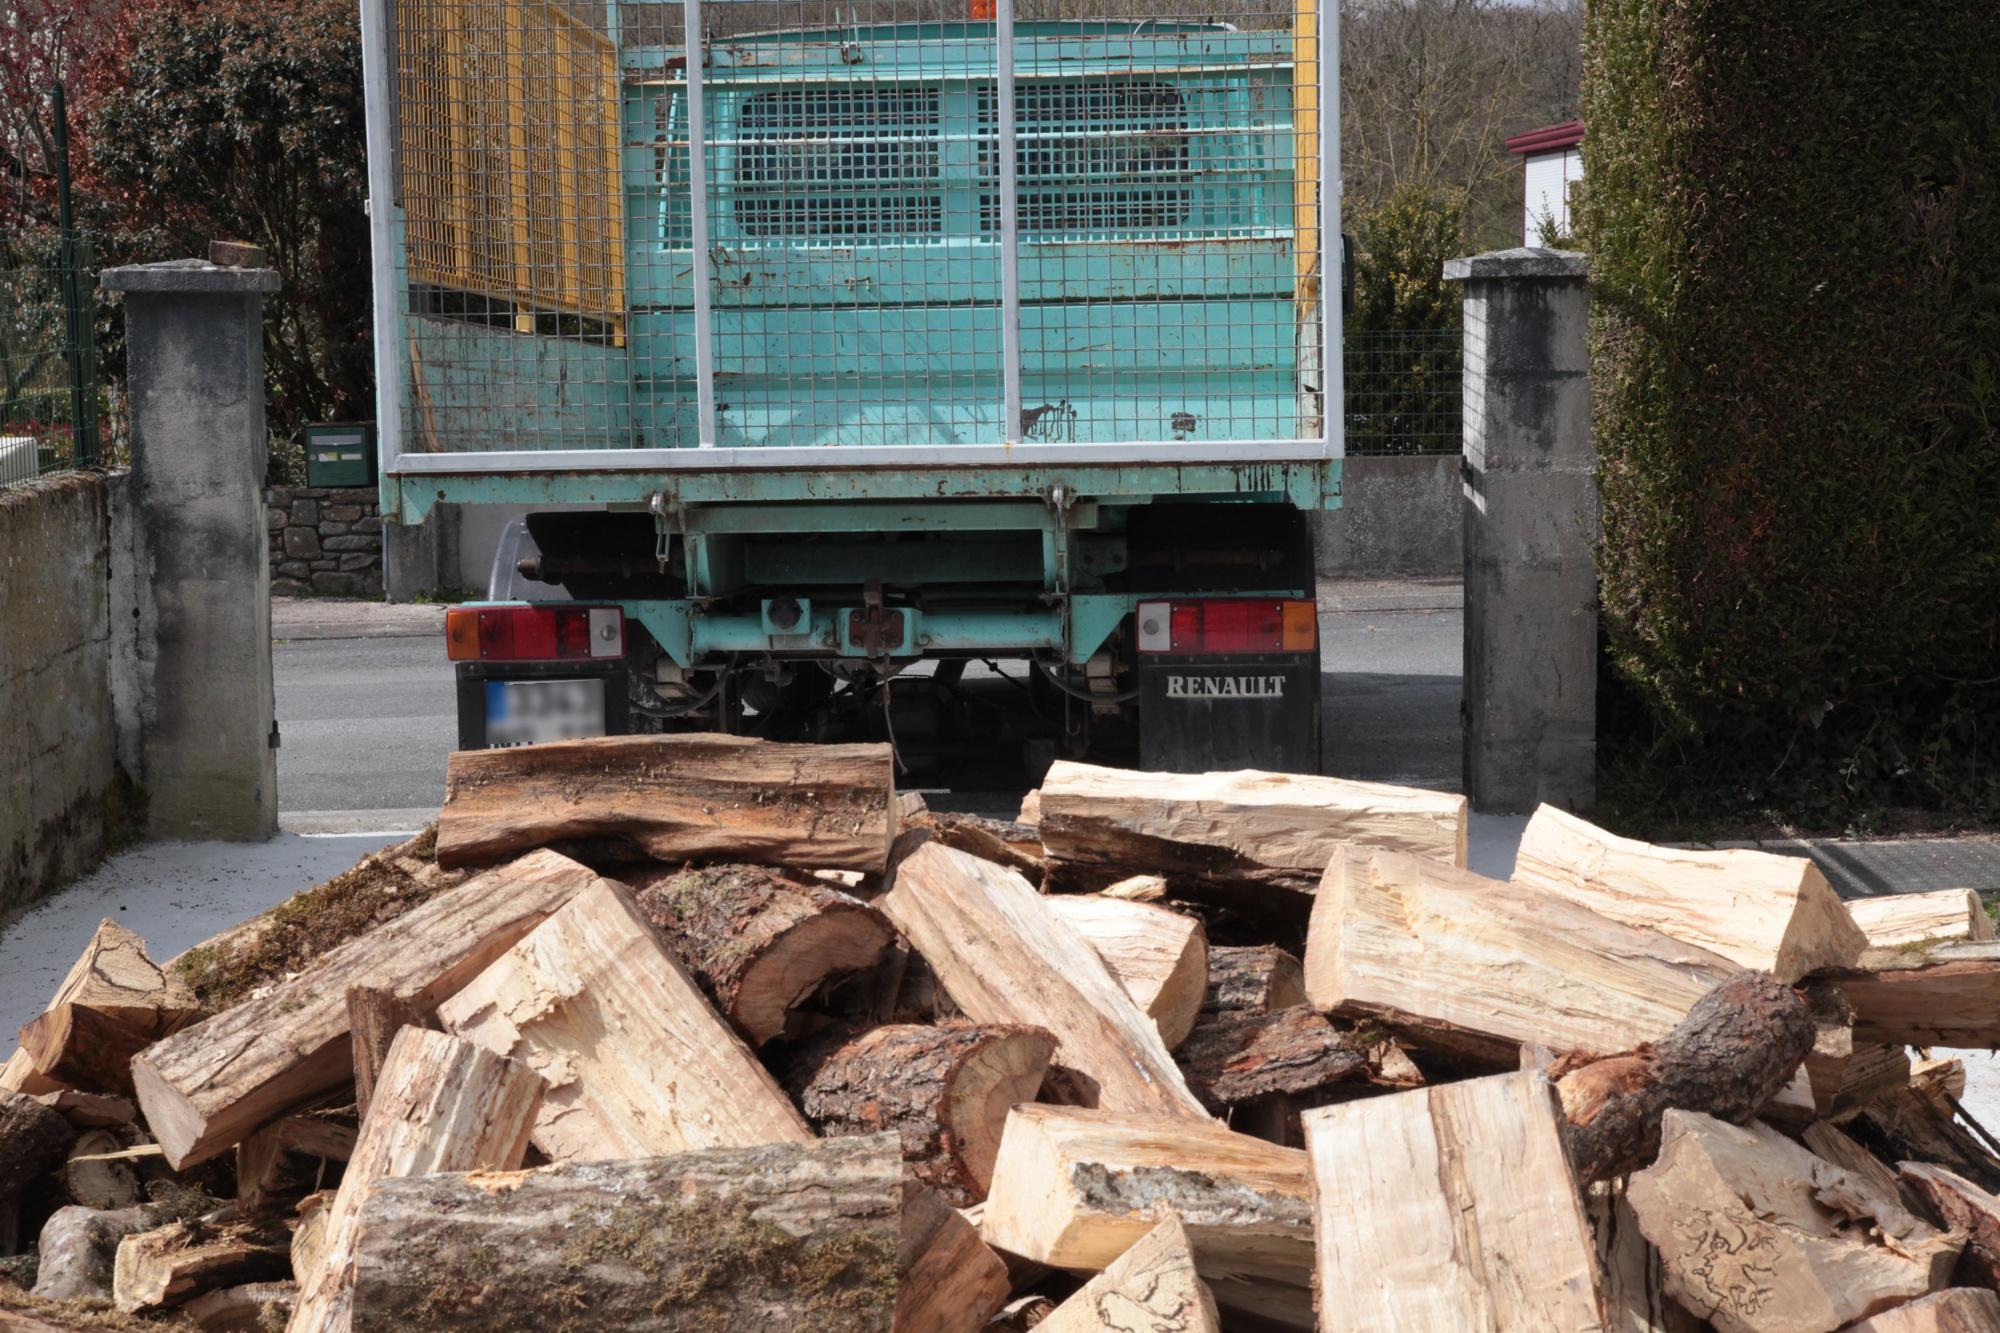 Livraison de bois en camion benne